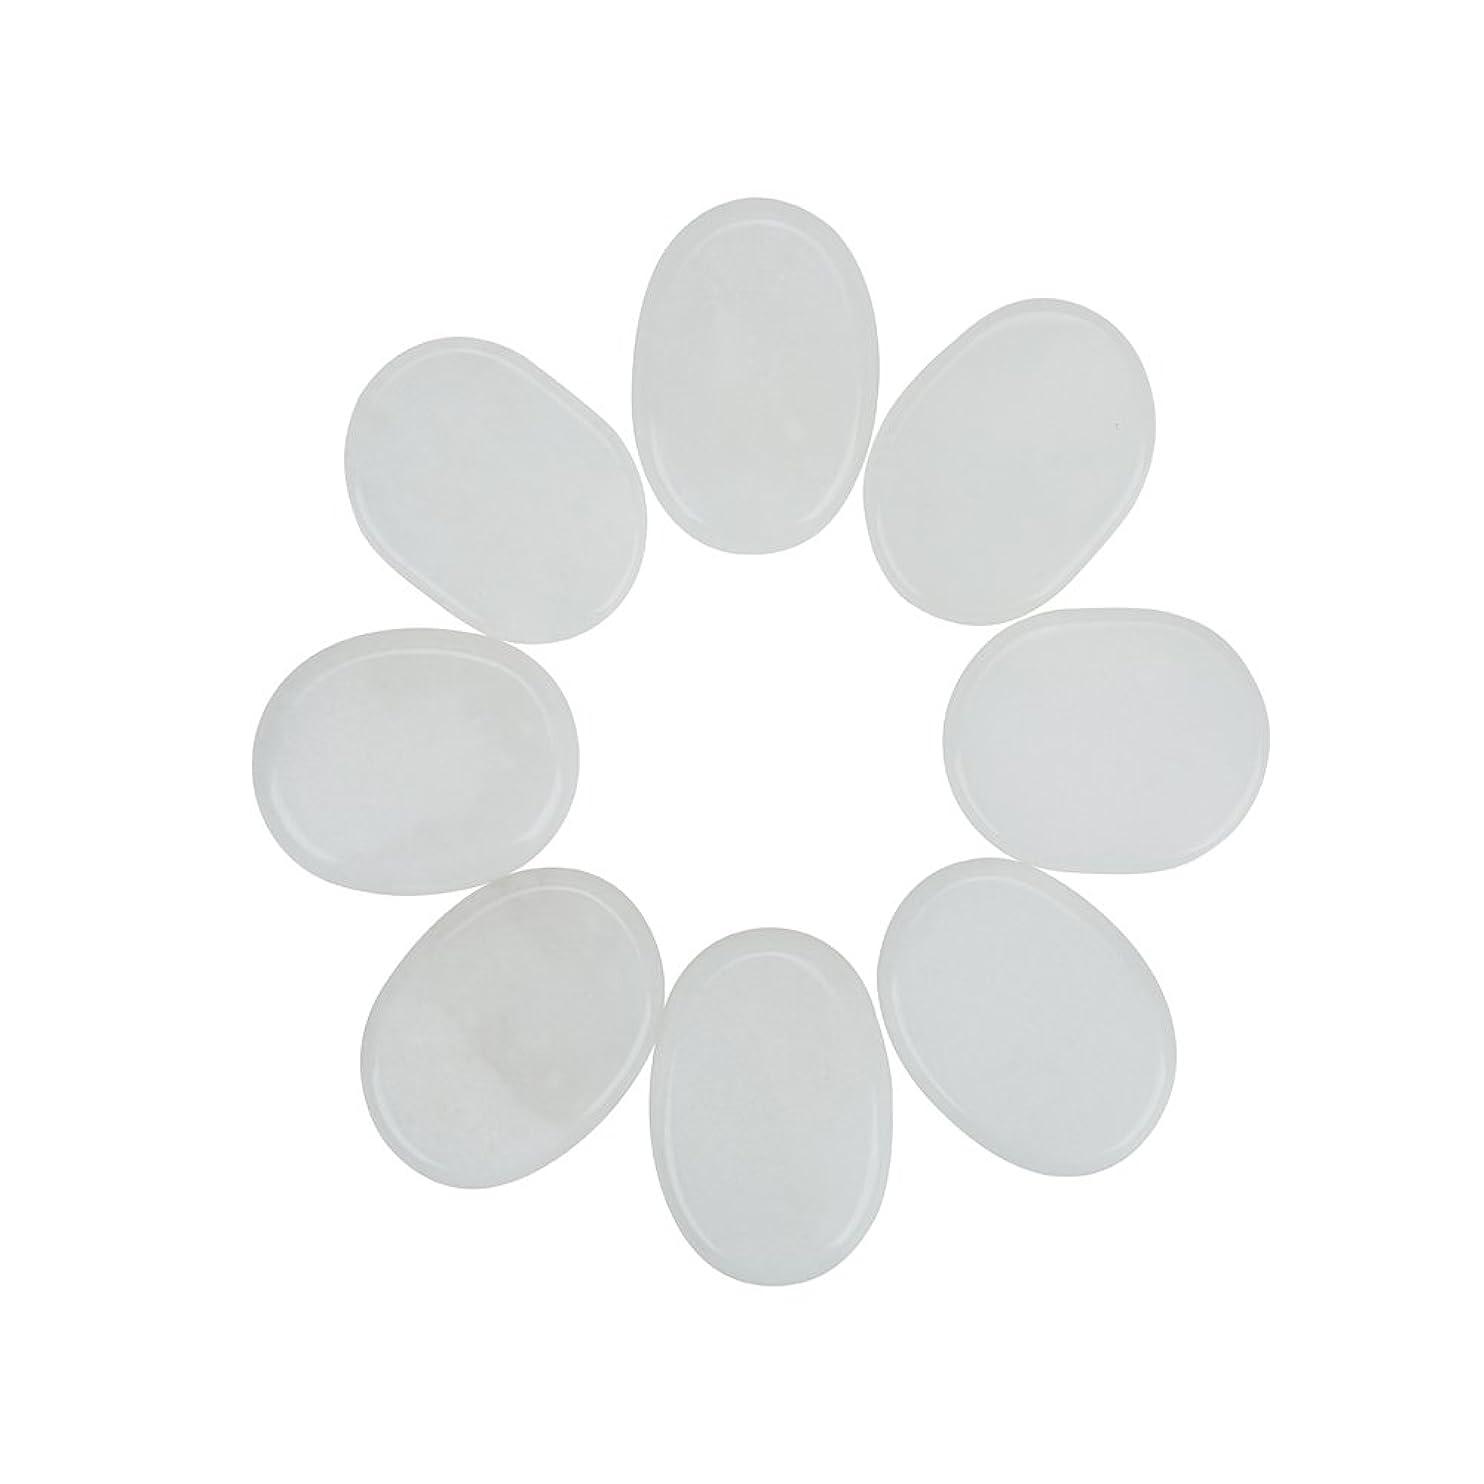 他の場所疑問に思う辛なWindfulogo 8個入りホットマッサージストーンセットナチュラルジェイドスパマッサージ用ウォームストーンホットホワイト1.18 x 1.57 in(3x4cm)